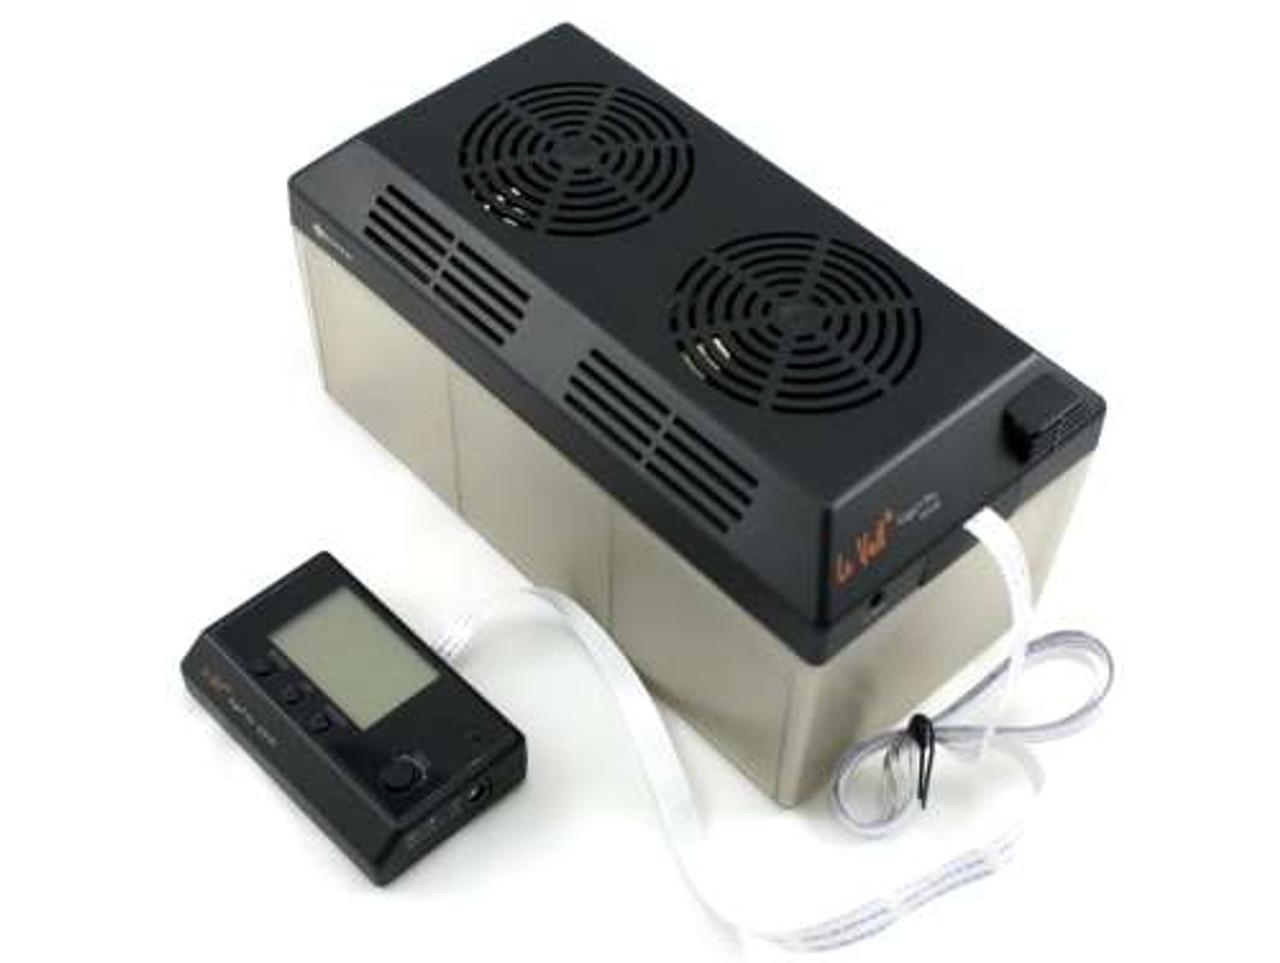 Le Veil iCigar Pro 56 Electronic Cigar Humidifier